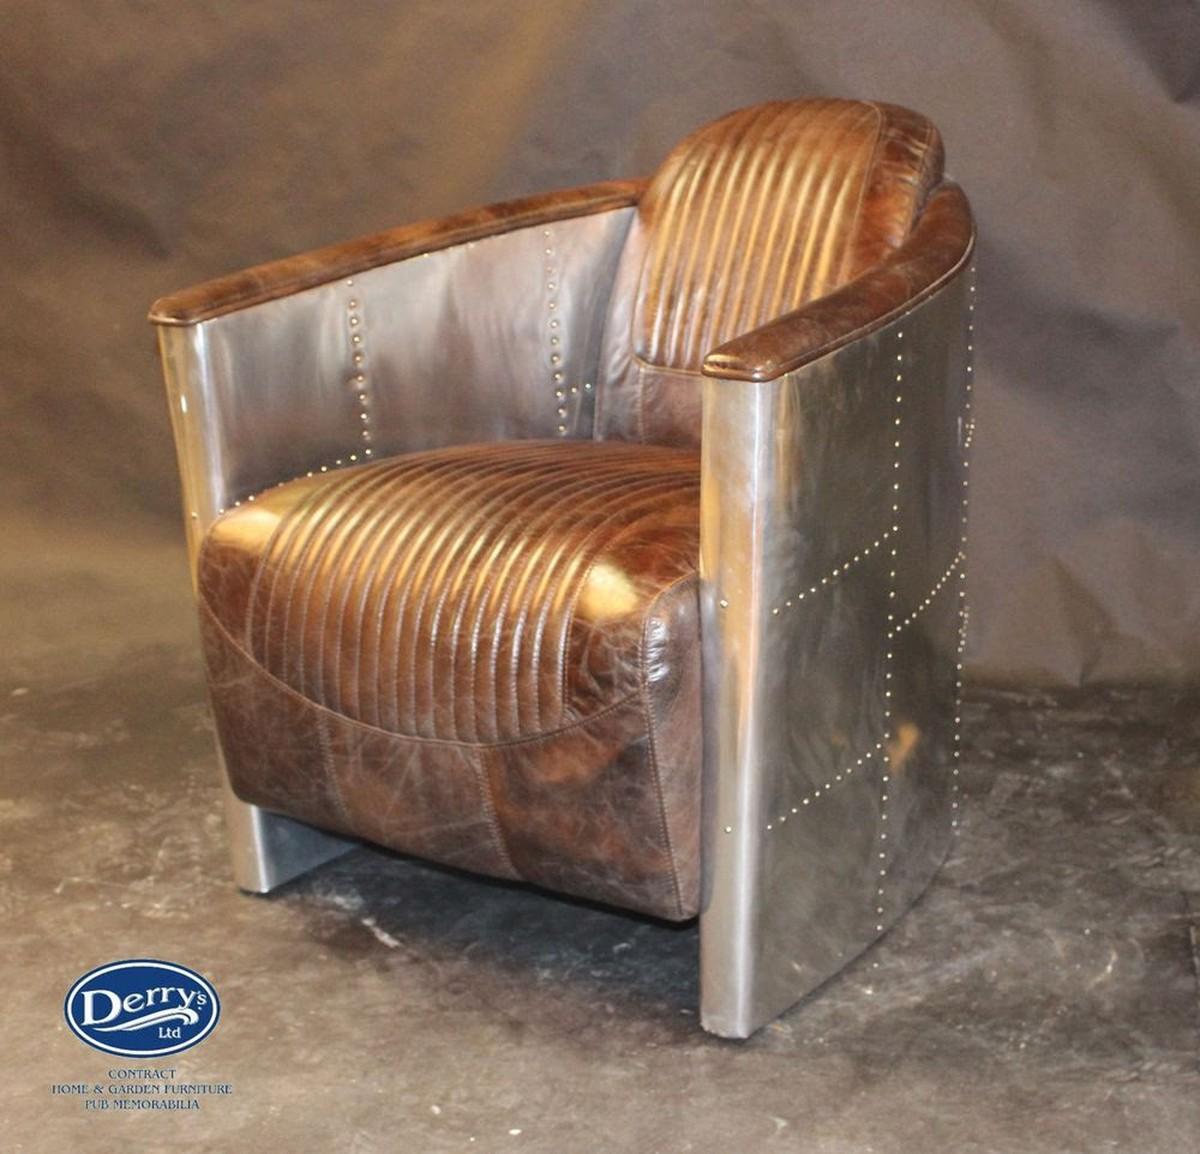 secondhand vintage and reclaimed designer furniture aluminium